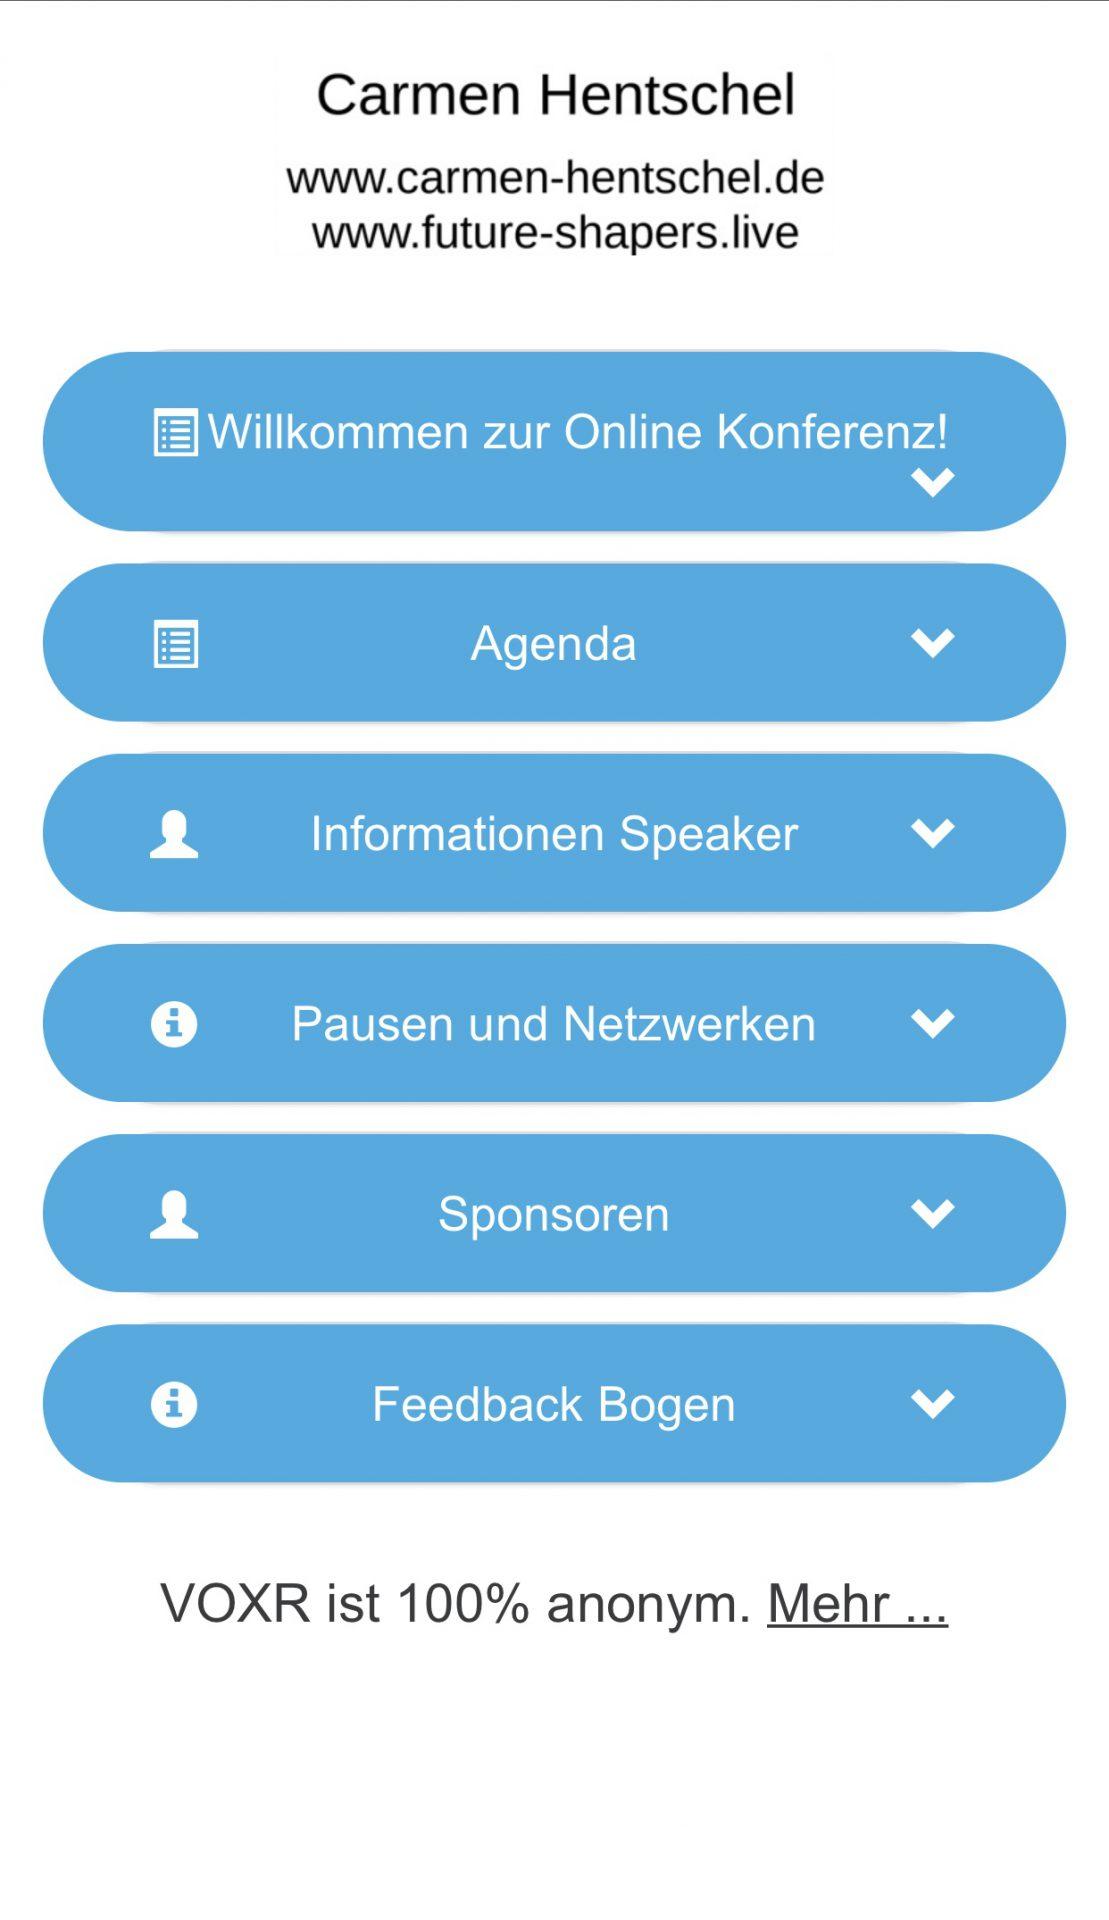 Videokonferenz online konferenzen Event Agenda